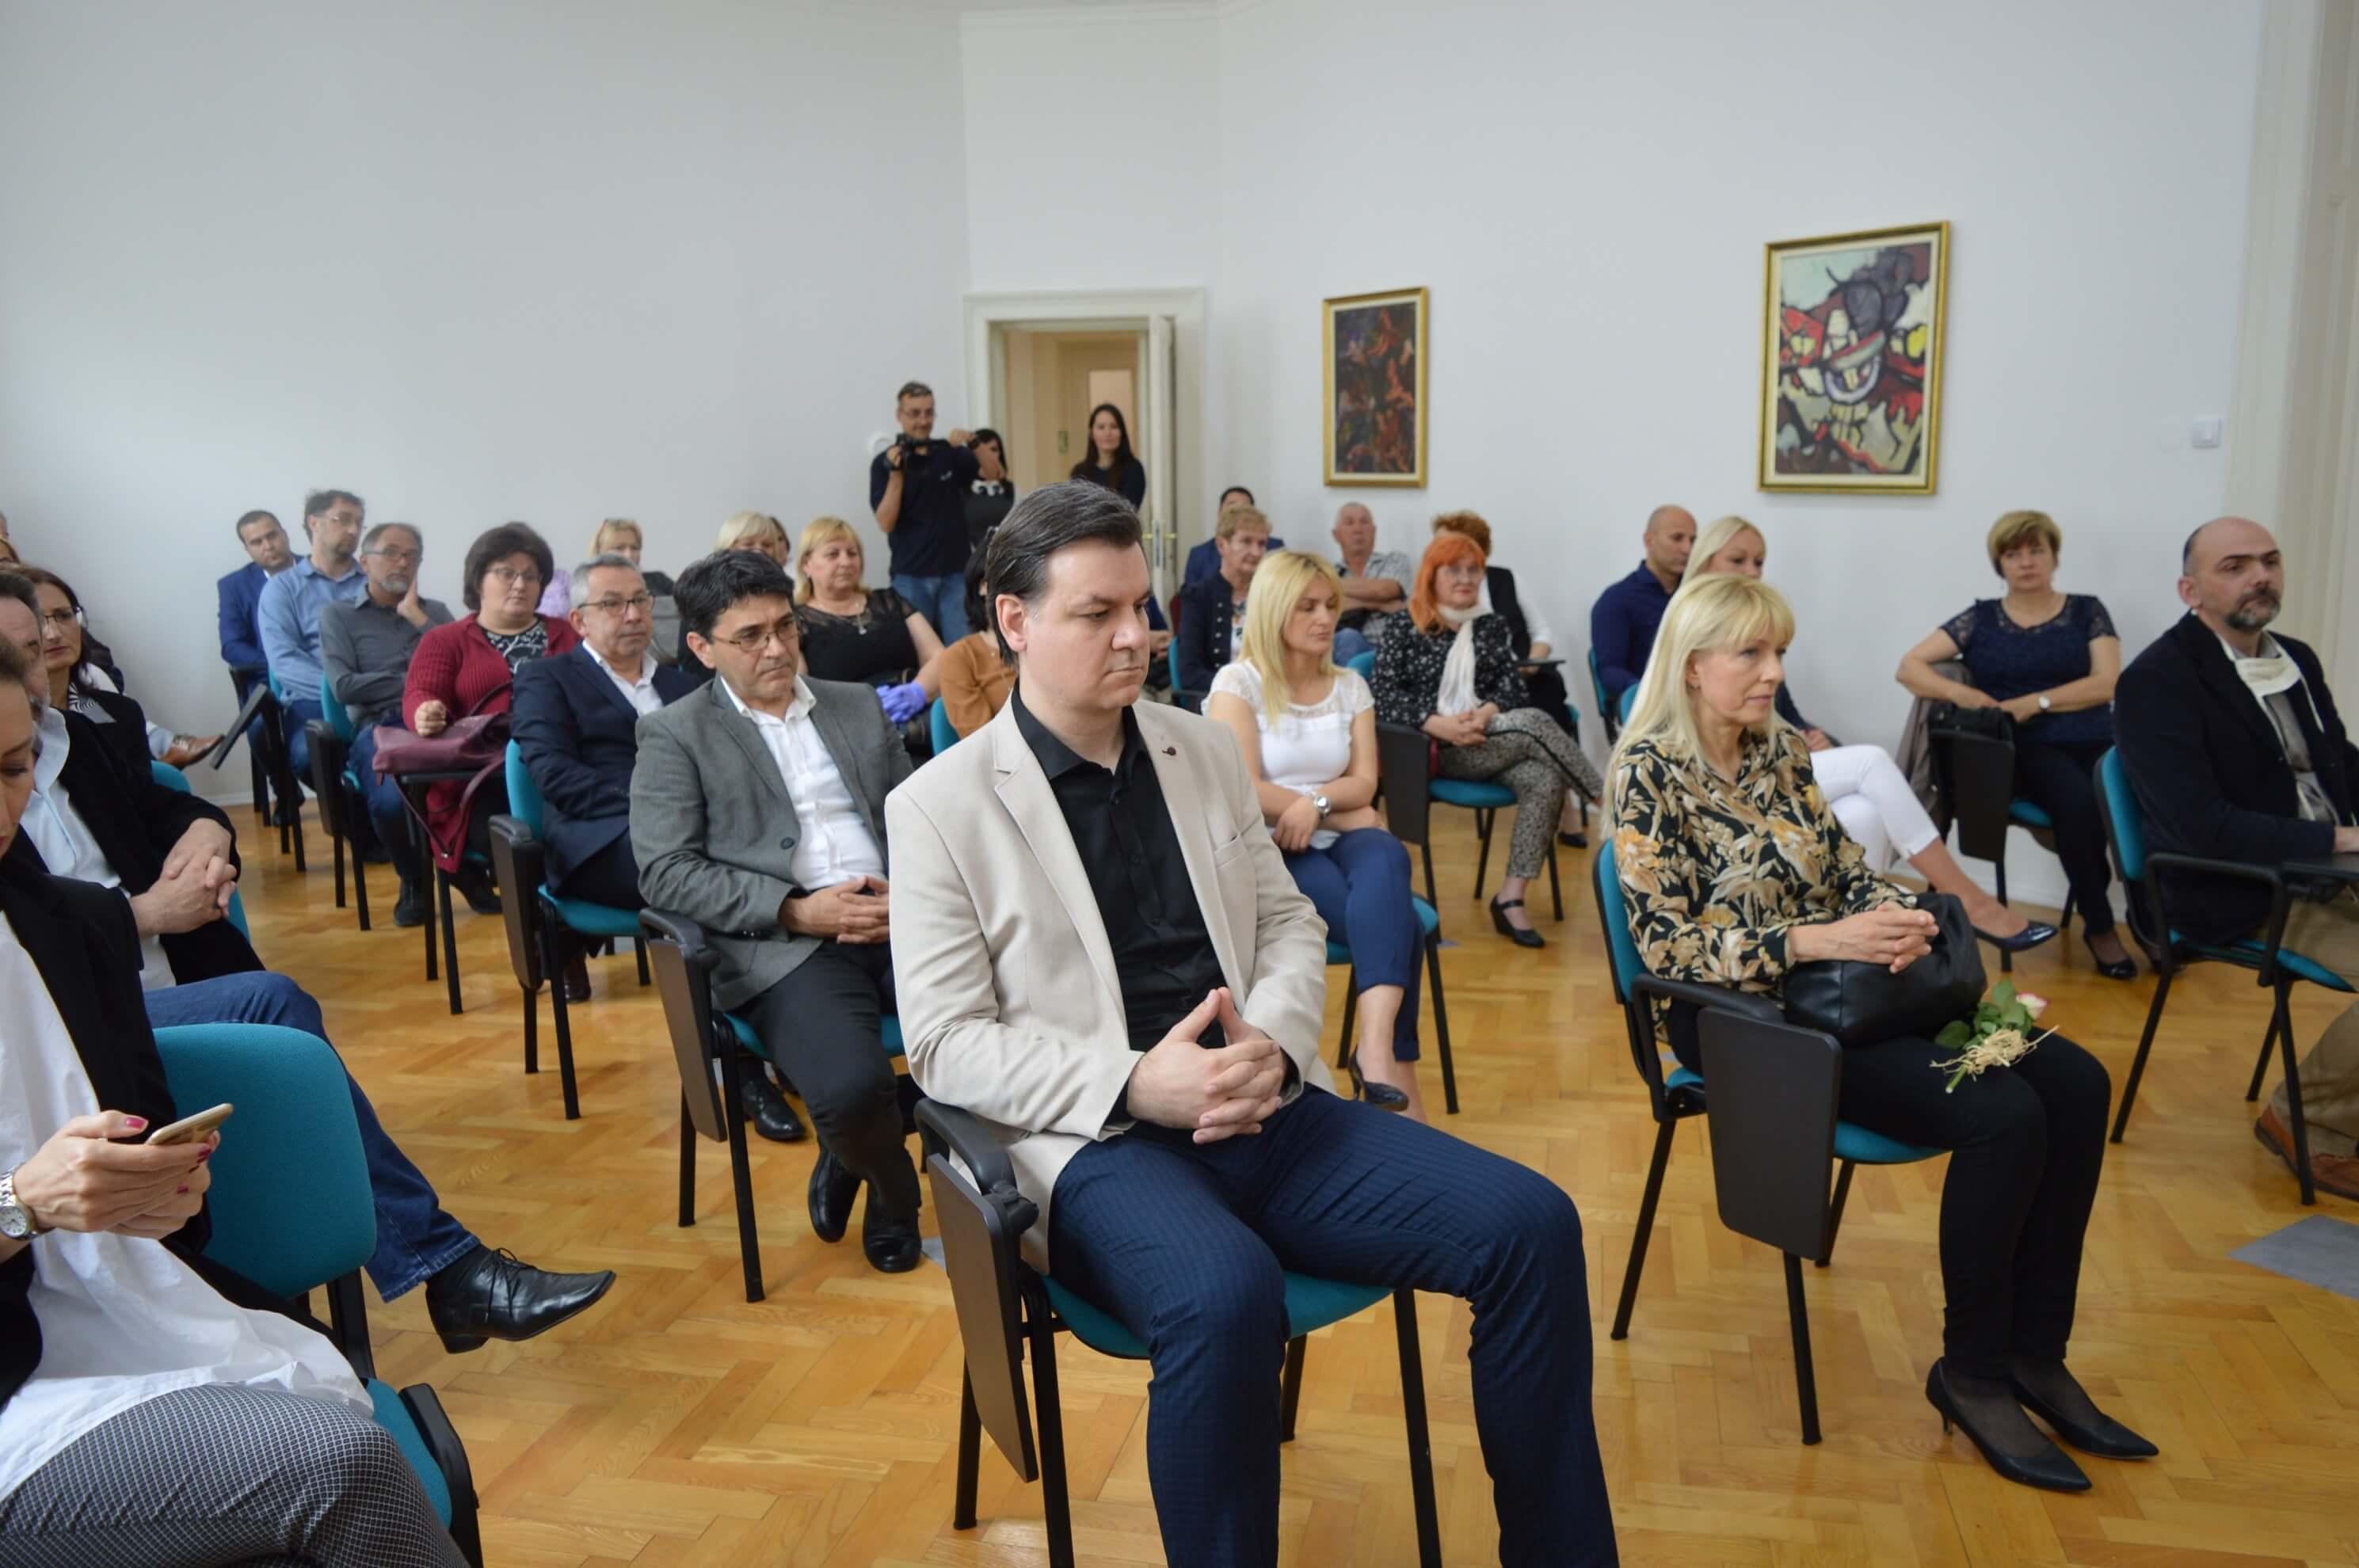 Према оцени министра Шарчевића Сомбор је спреман за дигитализацију у образовању